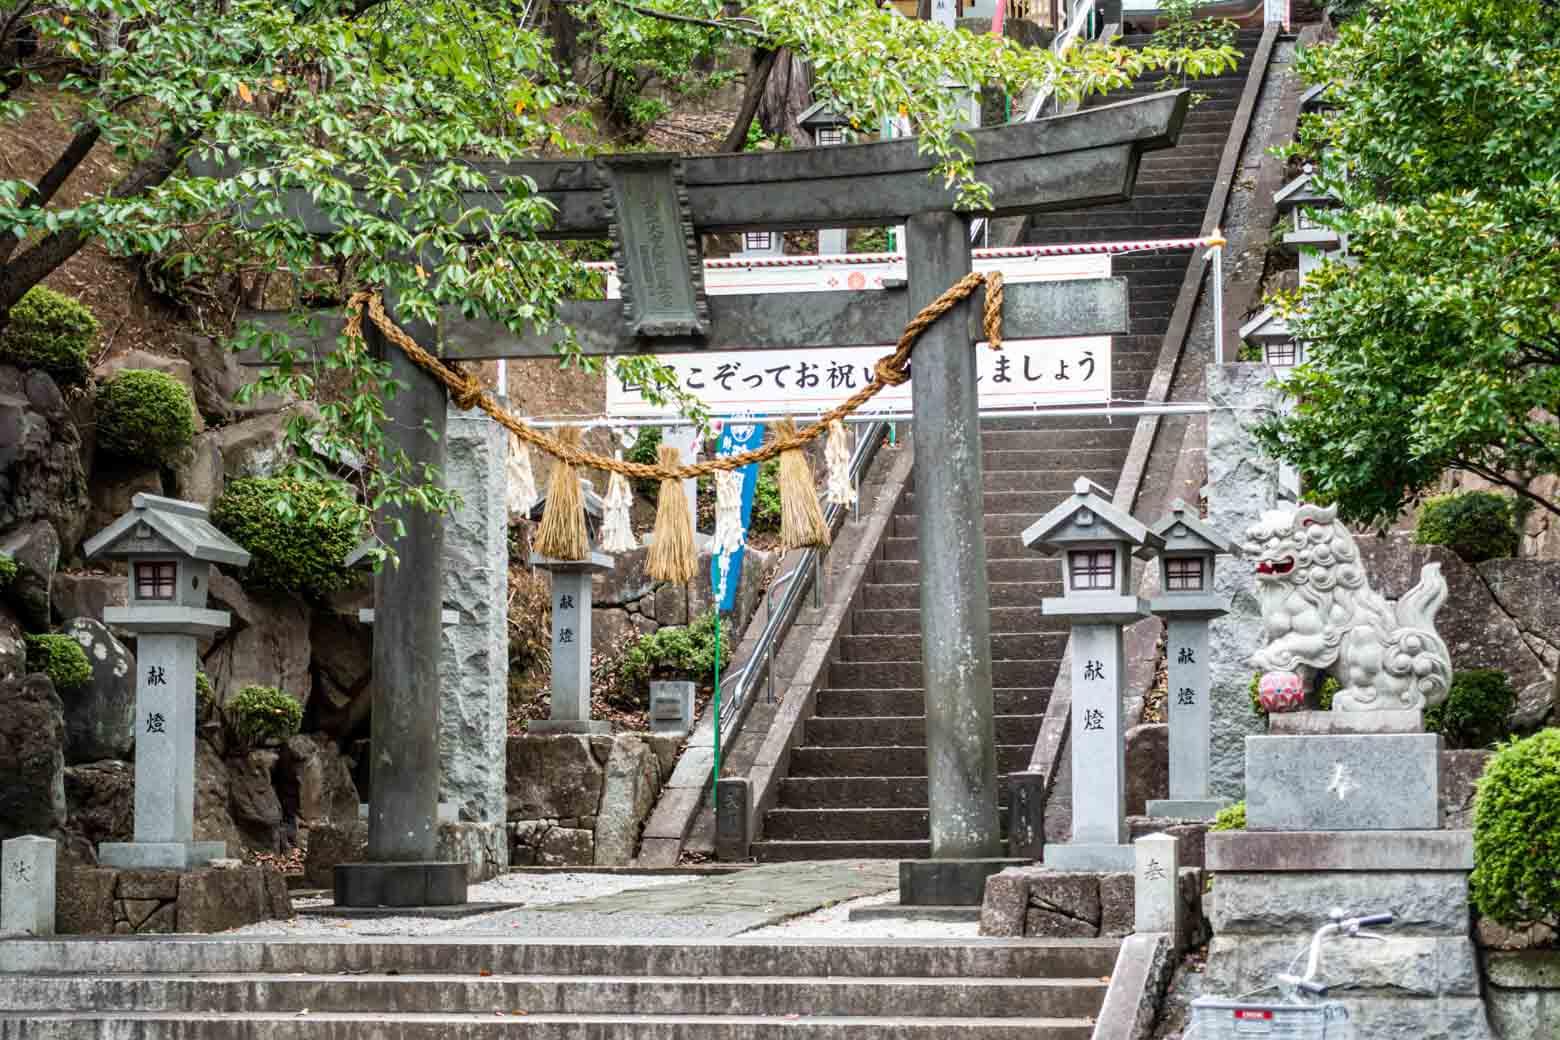 また、駅から少し離れた場所に〈師岡熊野神社〉という御宮があって、周辺が緑地として整備されています。